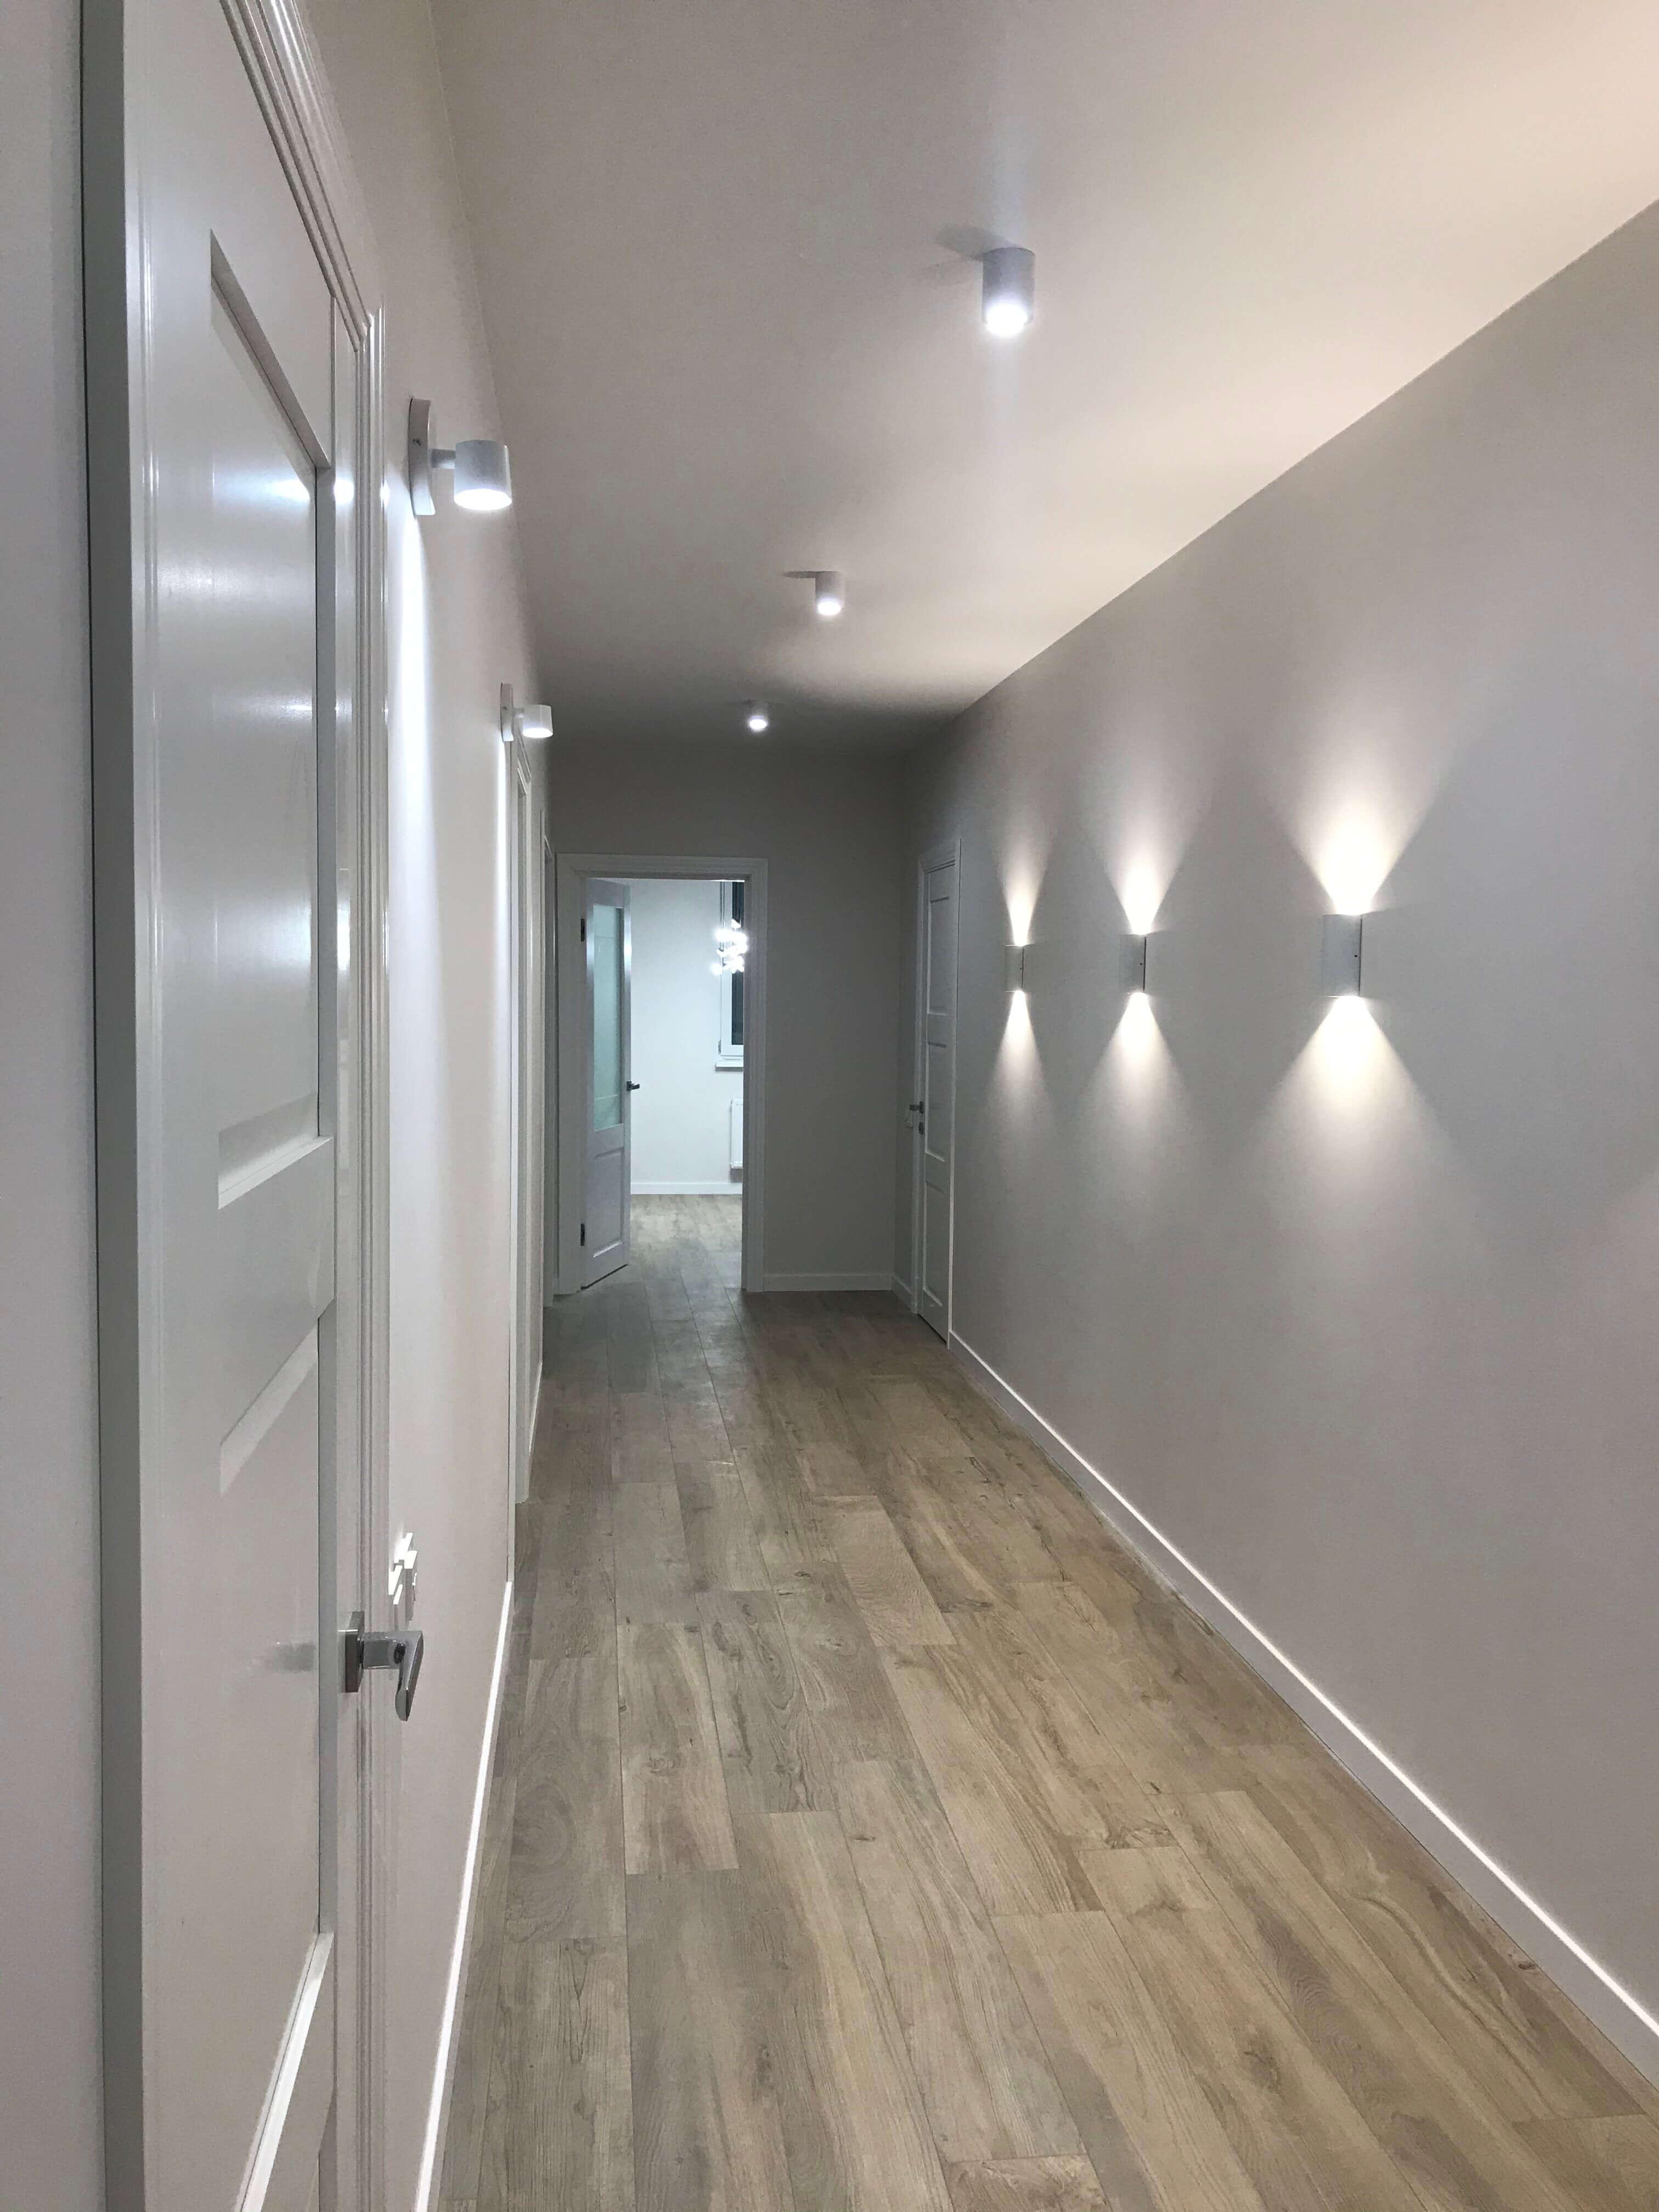 проход в коридоре, украшенном бра